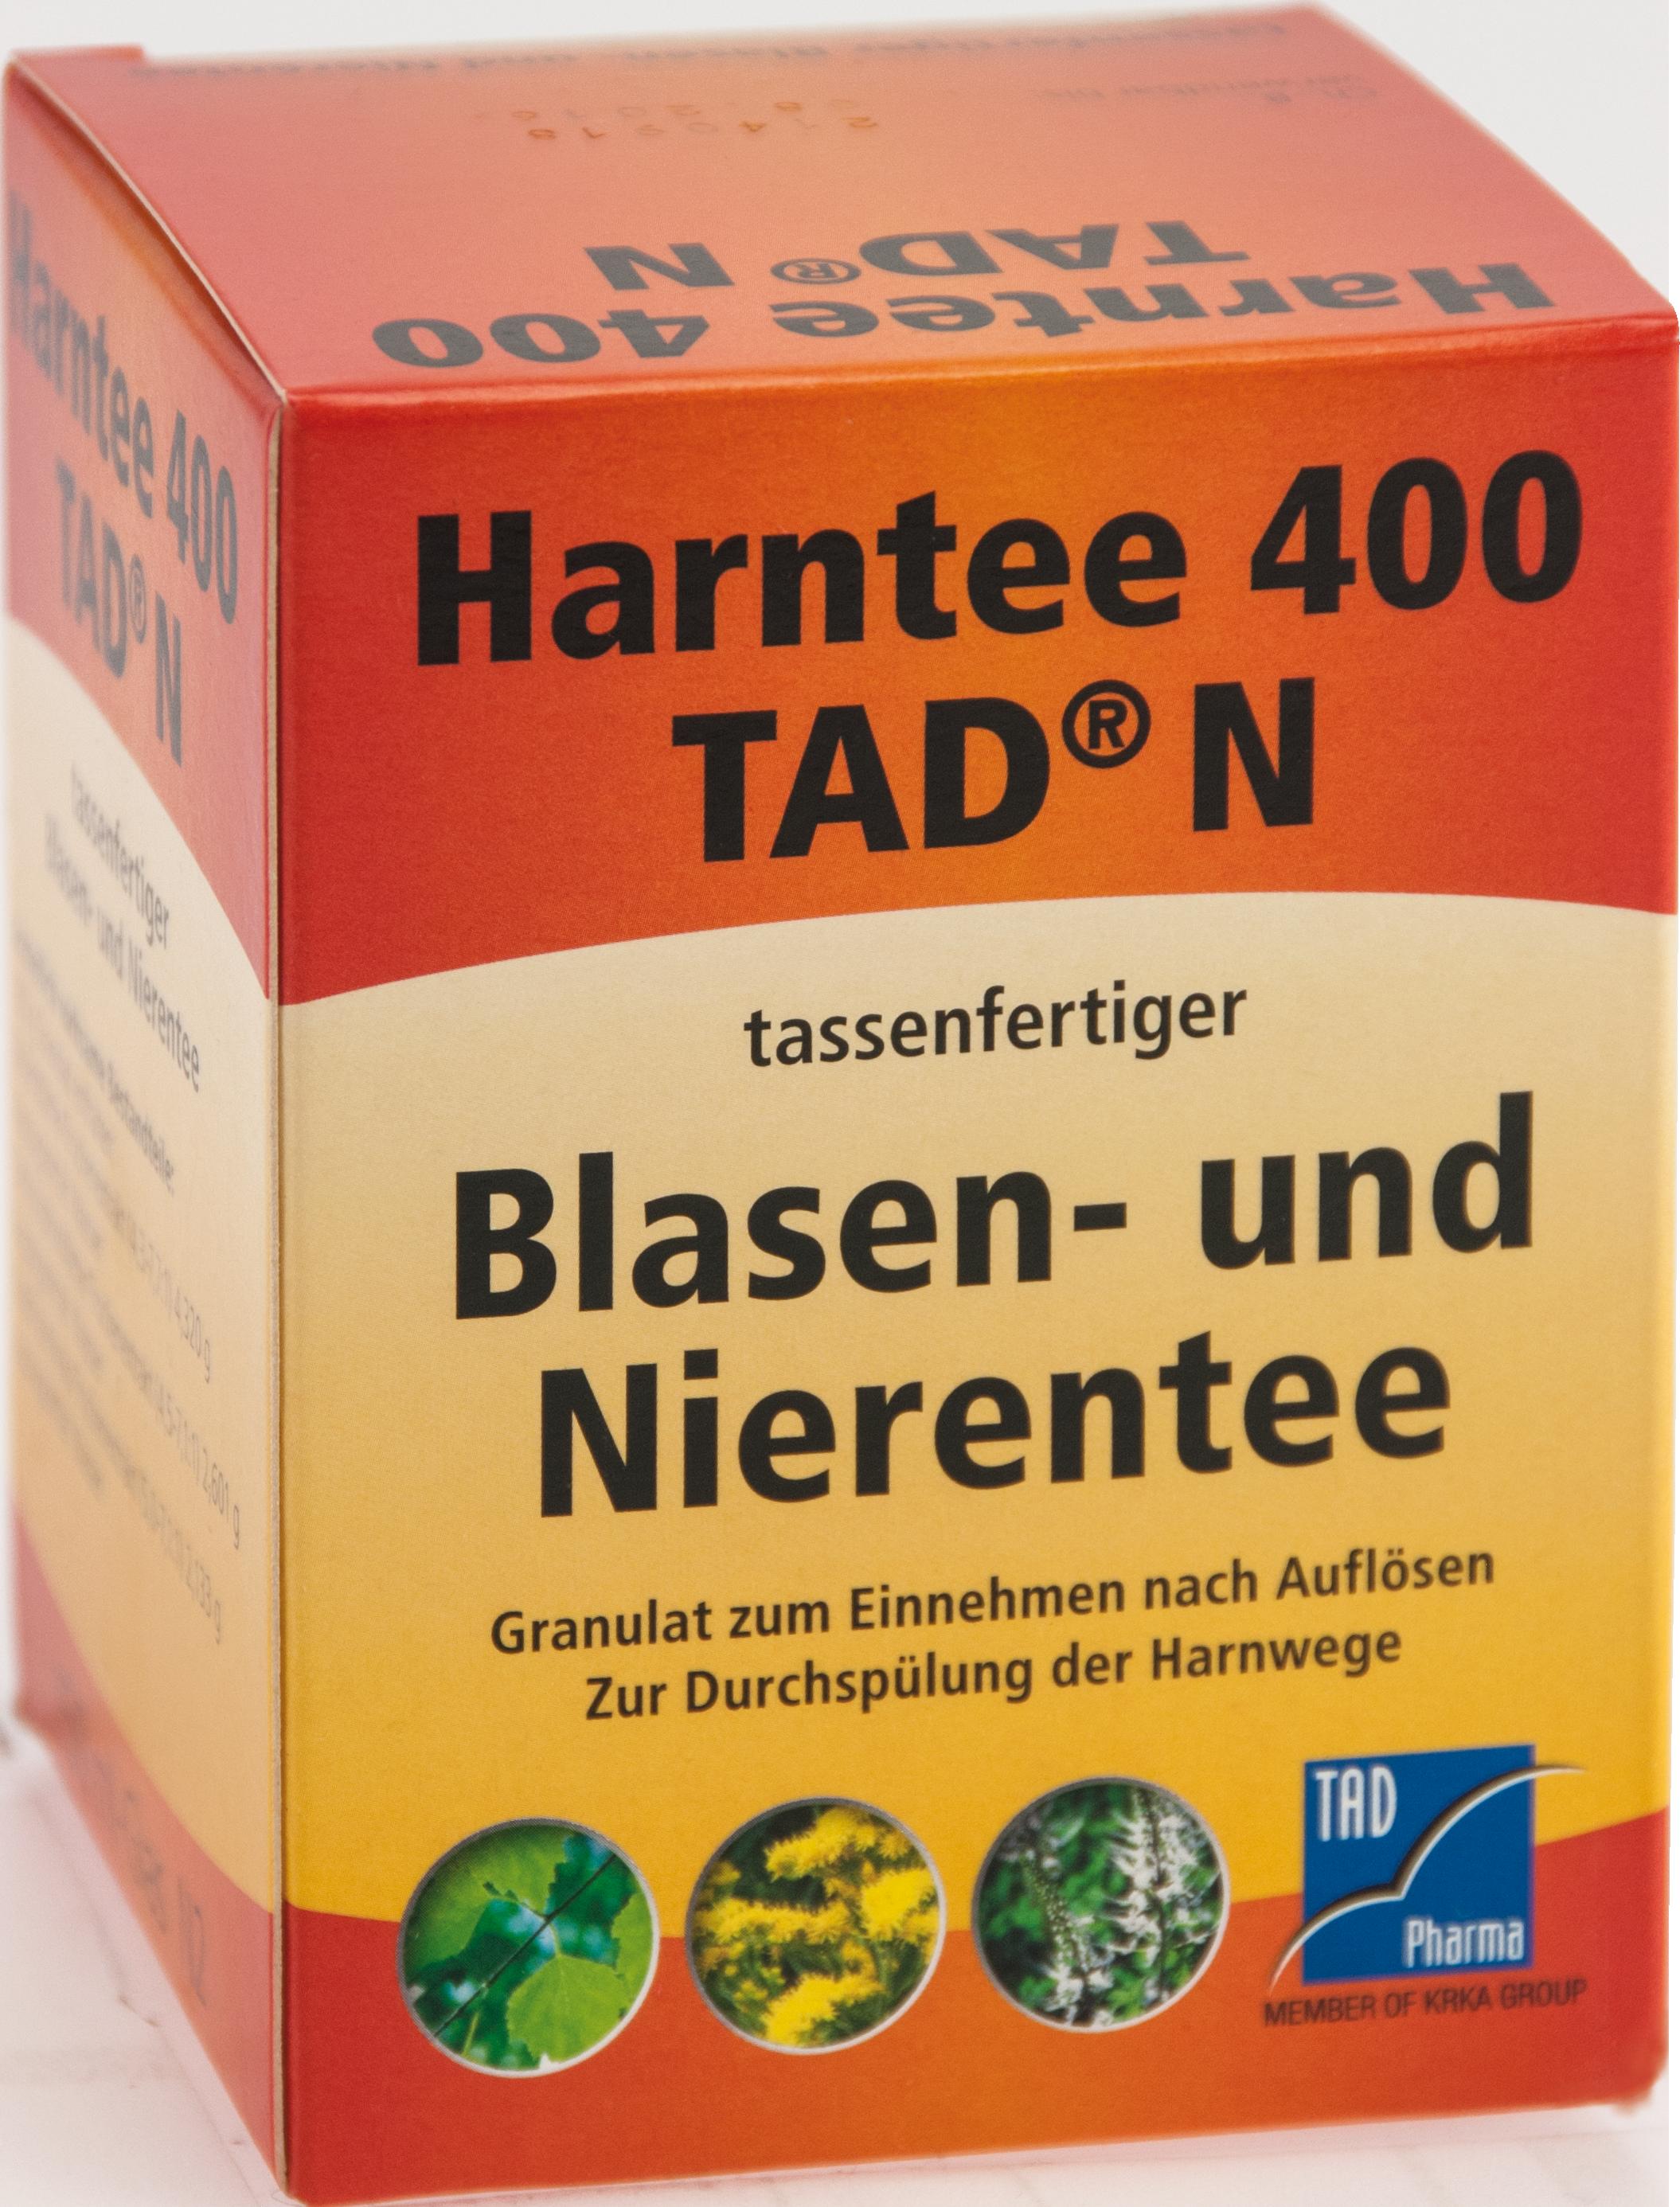 Harntee 400 TAD N